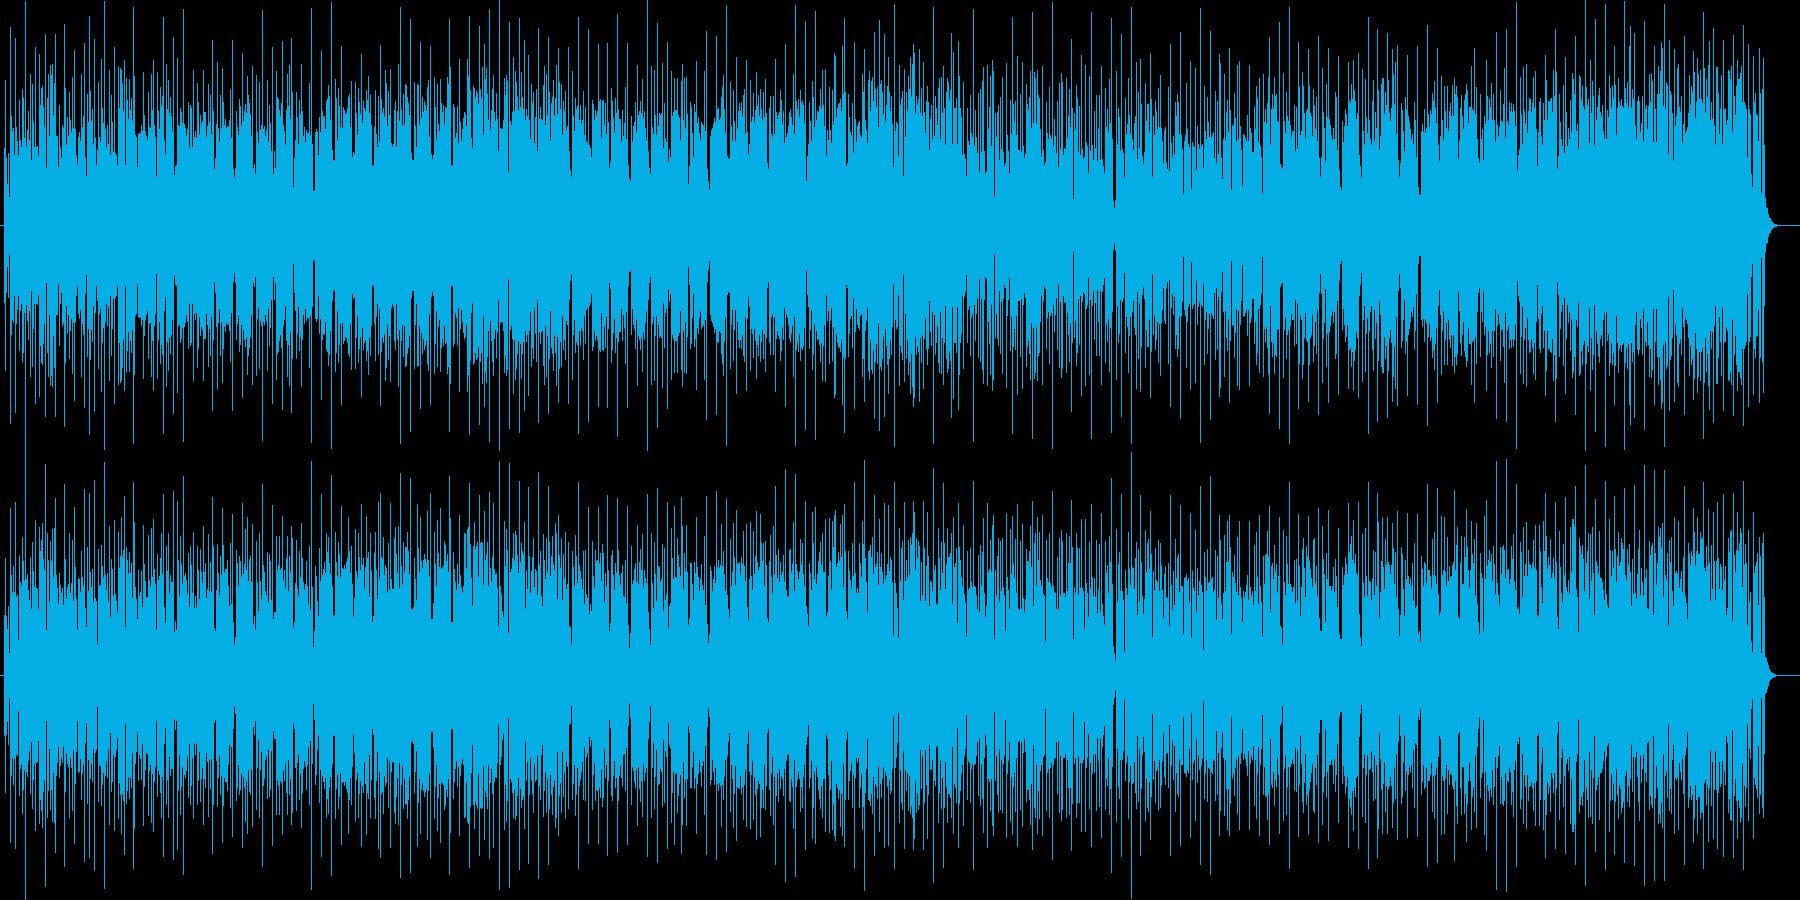 明るい雰囲気のミドルテンポポップスの再生済みの波形